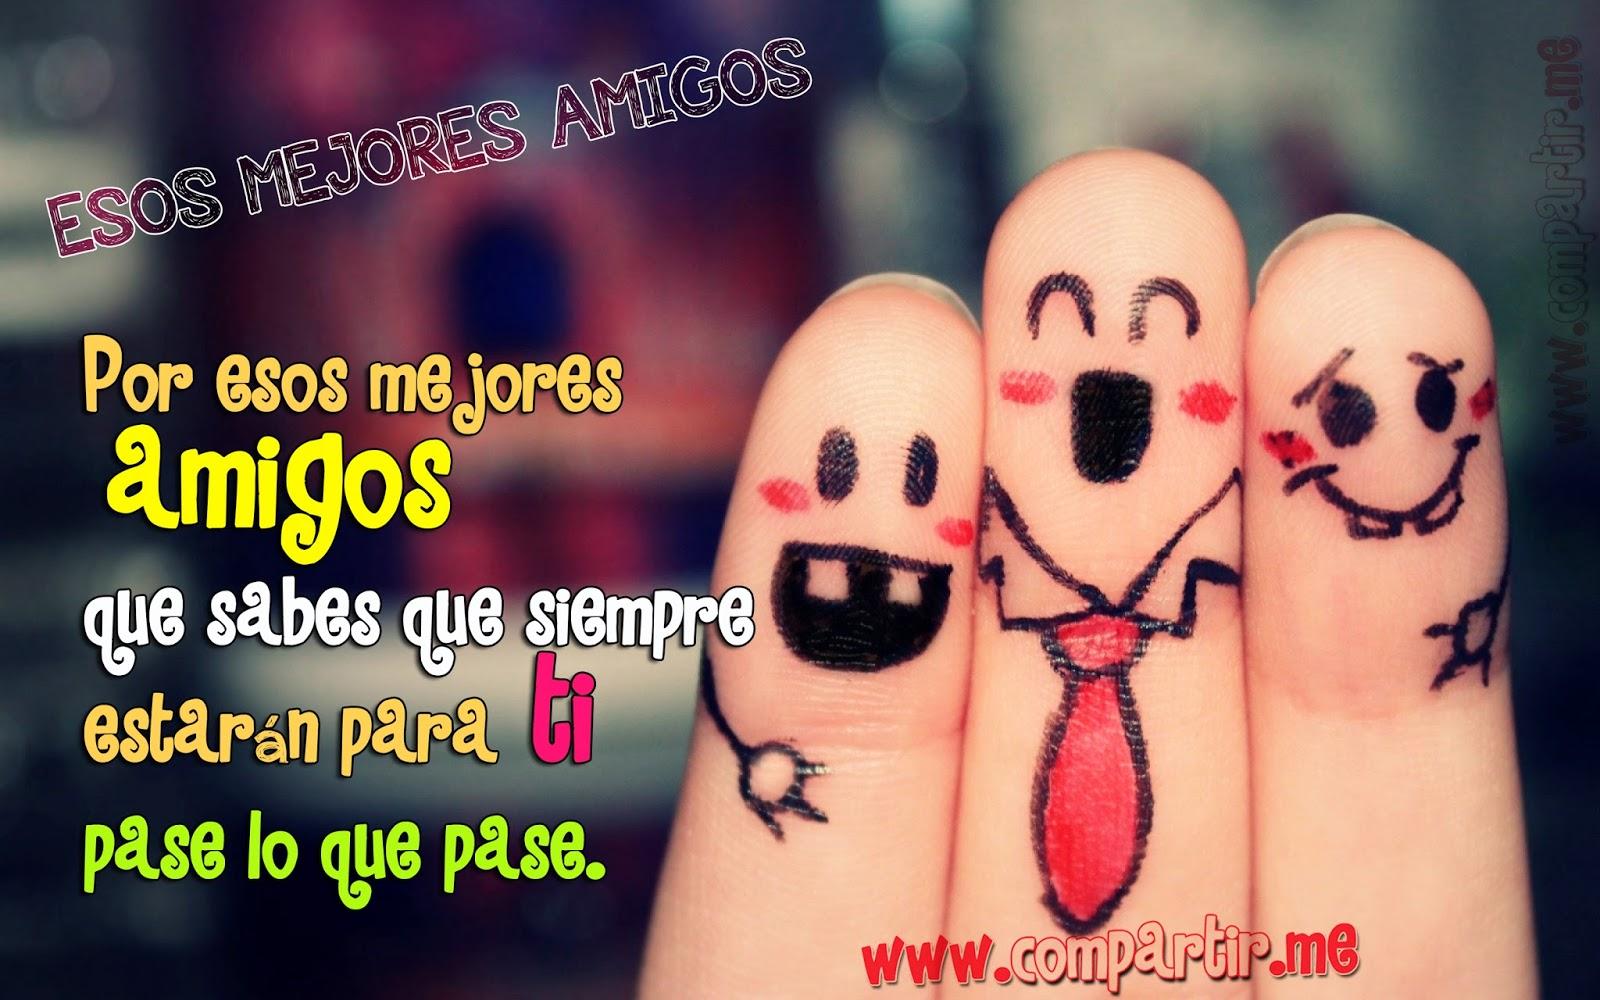 Imagen de tres dedos con los rostros de amigos abrazados alegres y riéndose